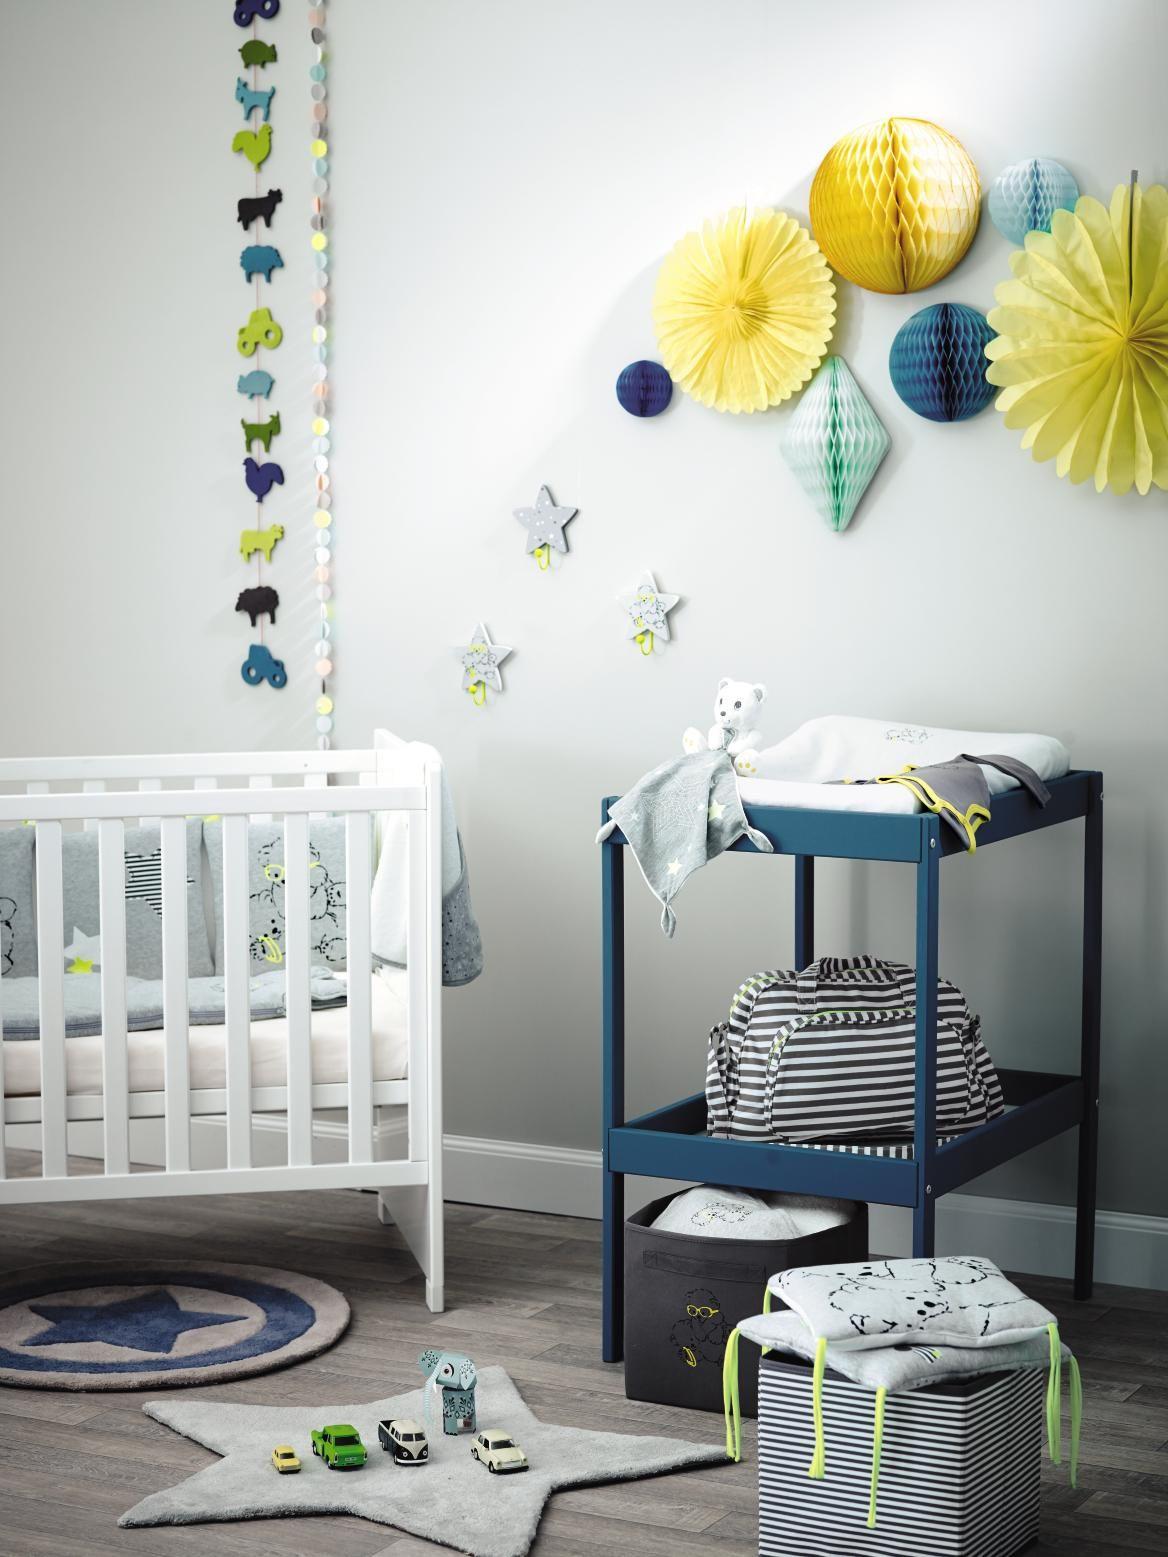 dcoration chambre en bleu et blanc - Chambre Bleu Et Jaune